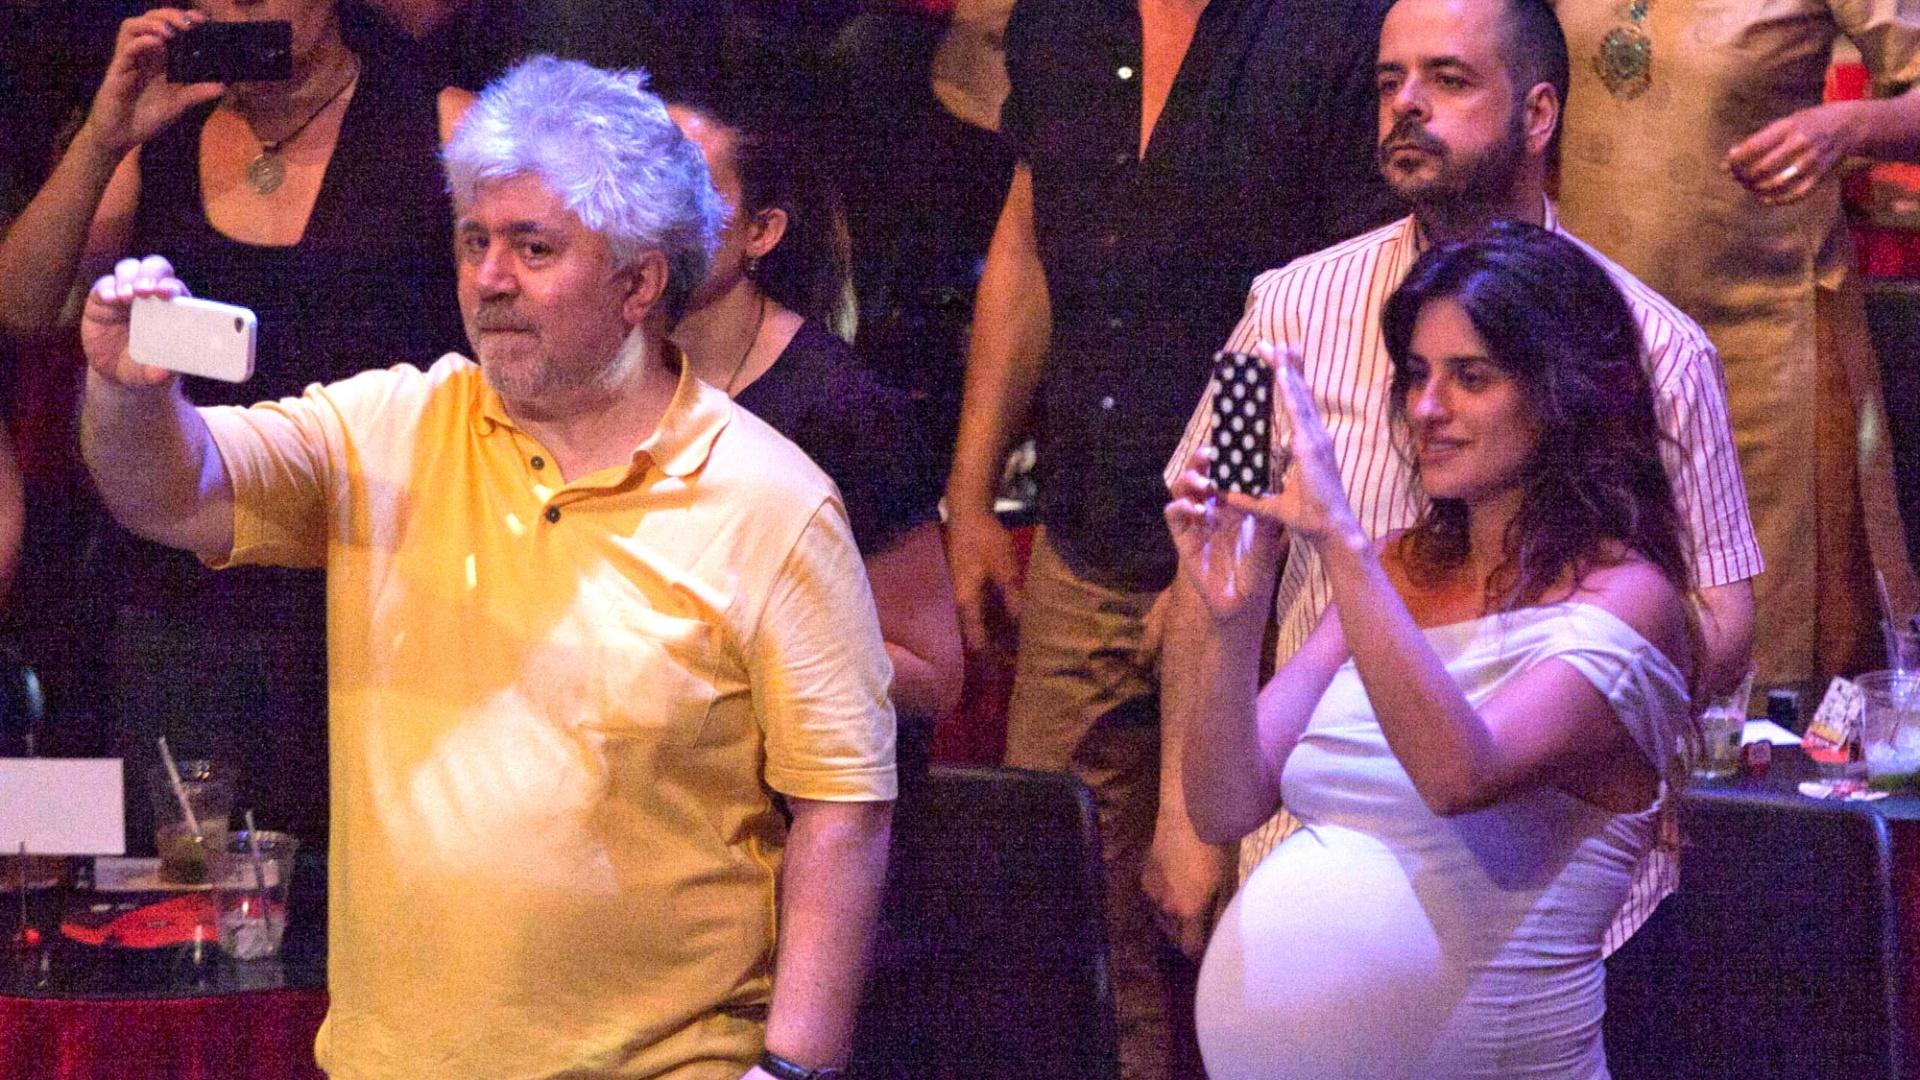 20.jul.2013 - Grávida, Penélope Cruz prestigiou a apresentação do marido, o ator Javier Bardem, em um festival de música em Madrid, Espanha. O cineasta Pedro Almodovar também estava na plateia